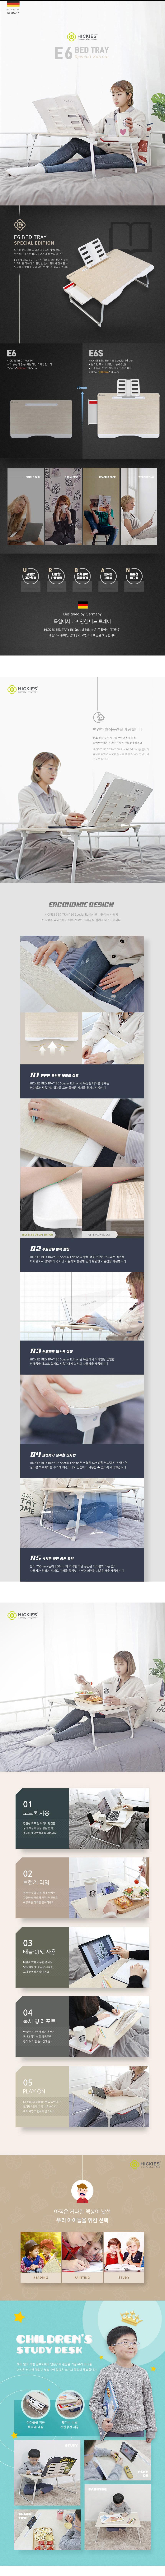 독서대 서랍식 수납 인체공학 테이블 베드트레이 E6S - 히키스, 39,900원, 미니 테이블, 노트북 테이블